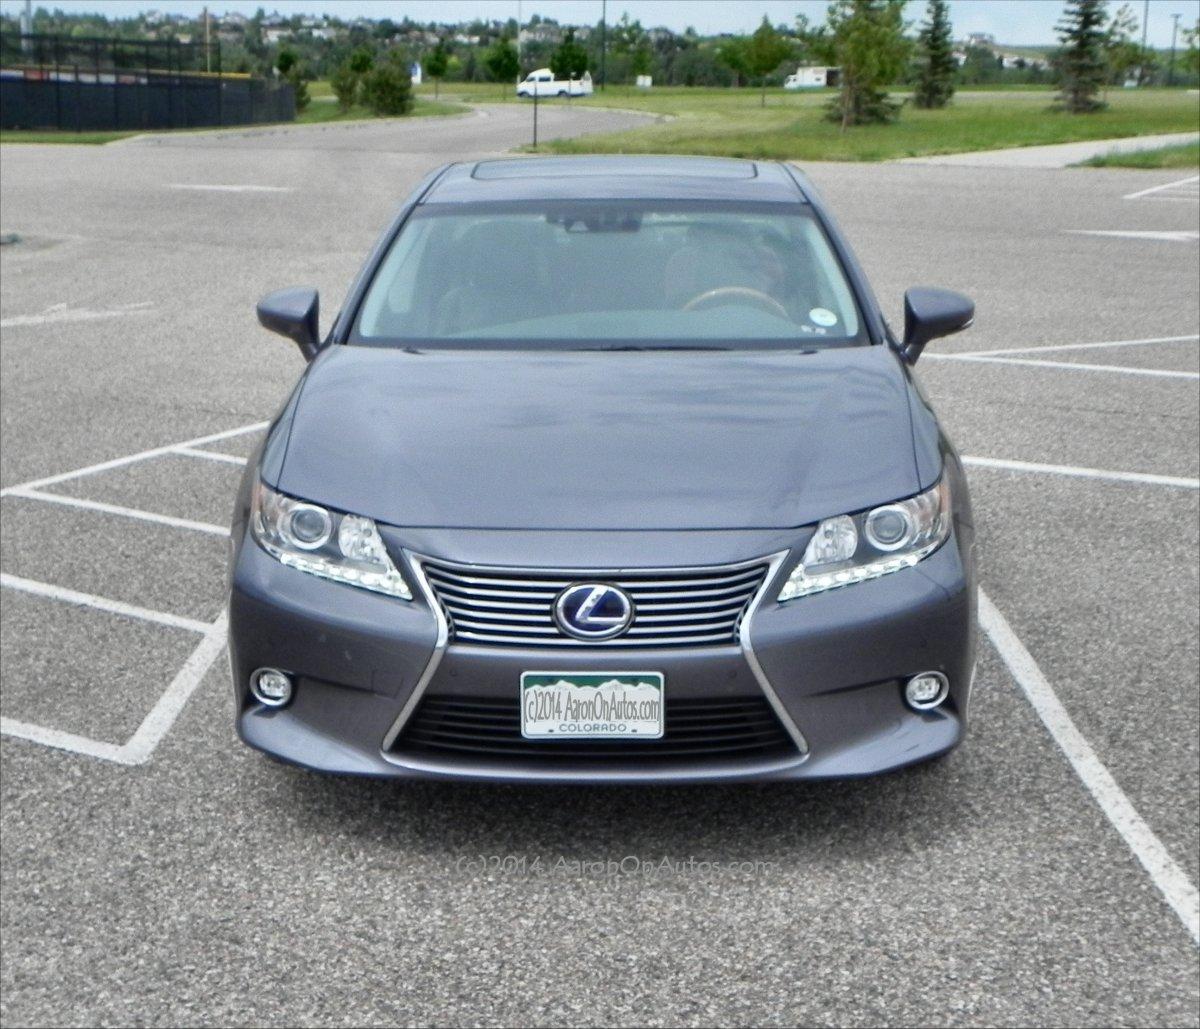 Lexus 2014: 2014 Lexus ES 300h Interior Review